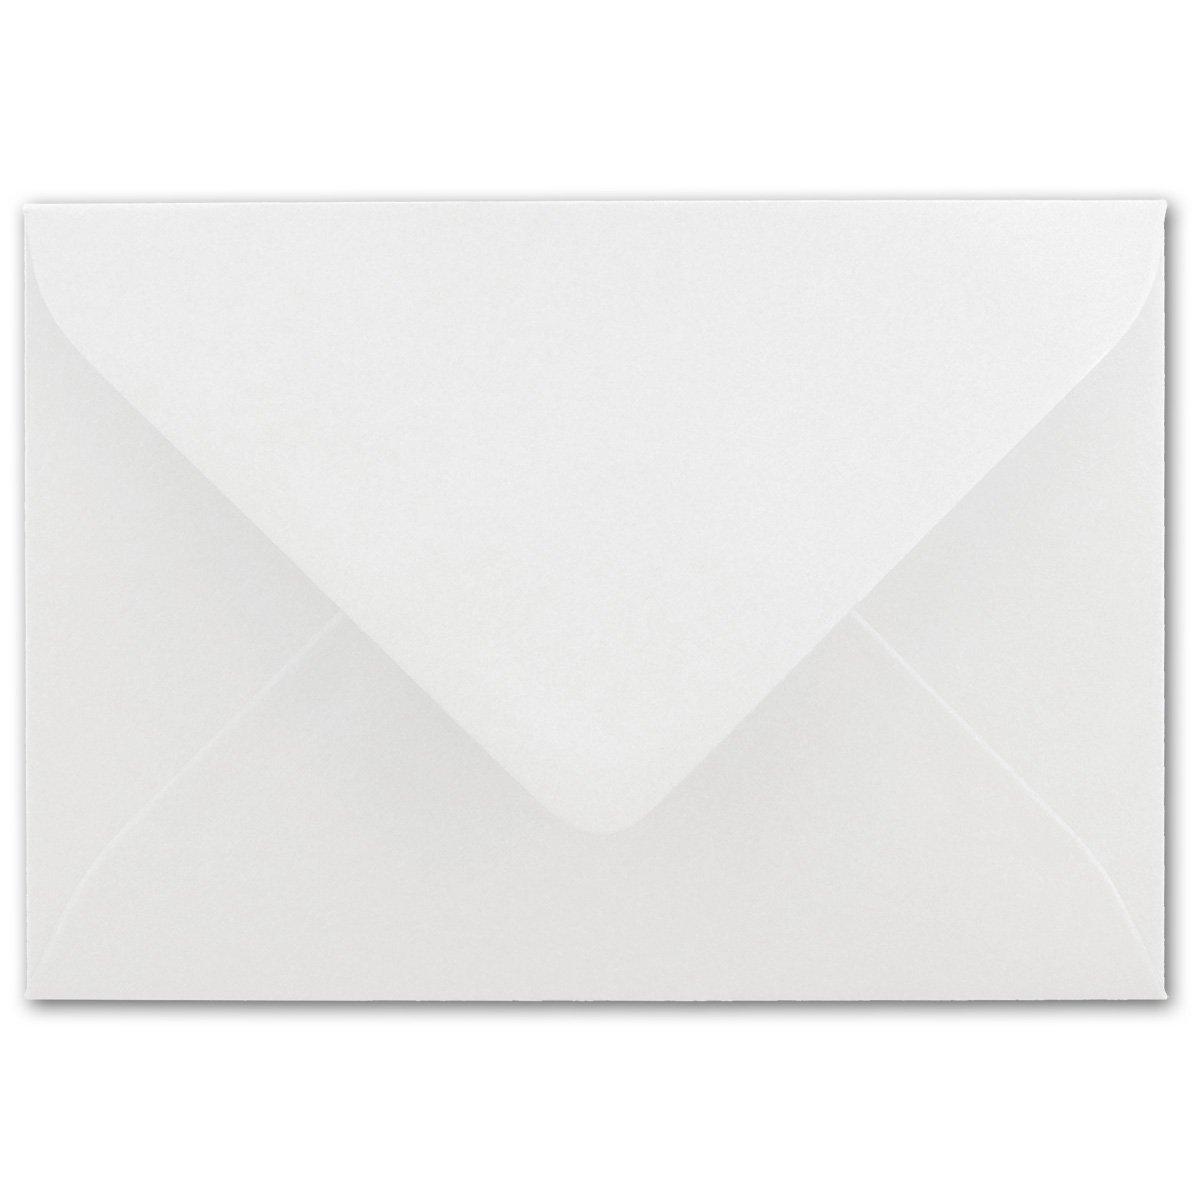 200x Brief-Umschläge in Dunkel-Grün - 80 g m² m² m² - KuGrüns in DIN B6 Format 125 x 175 mm - Nassklebung ohne Fenster - Qualitätsmarke FarbenFroh® B07B2YCV68   Stil  1f4c10